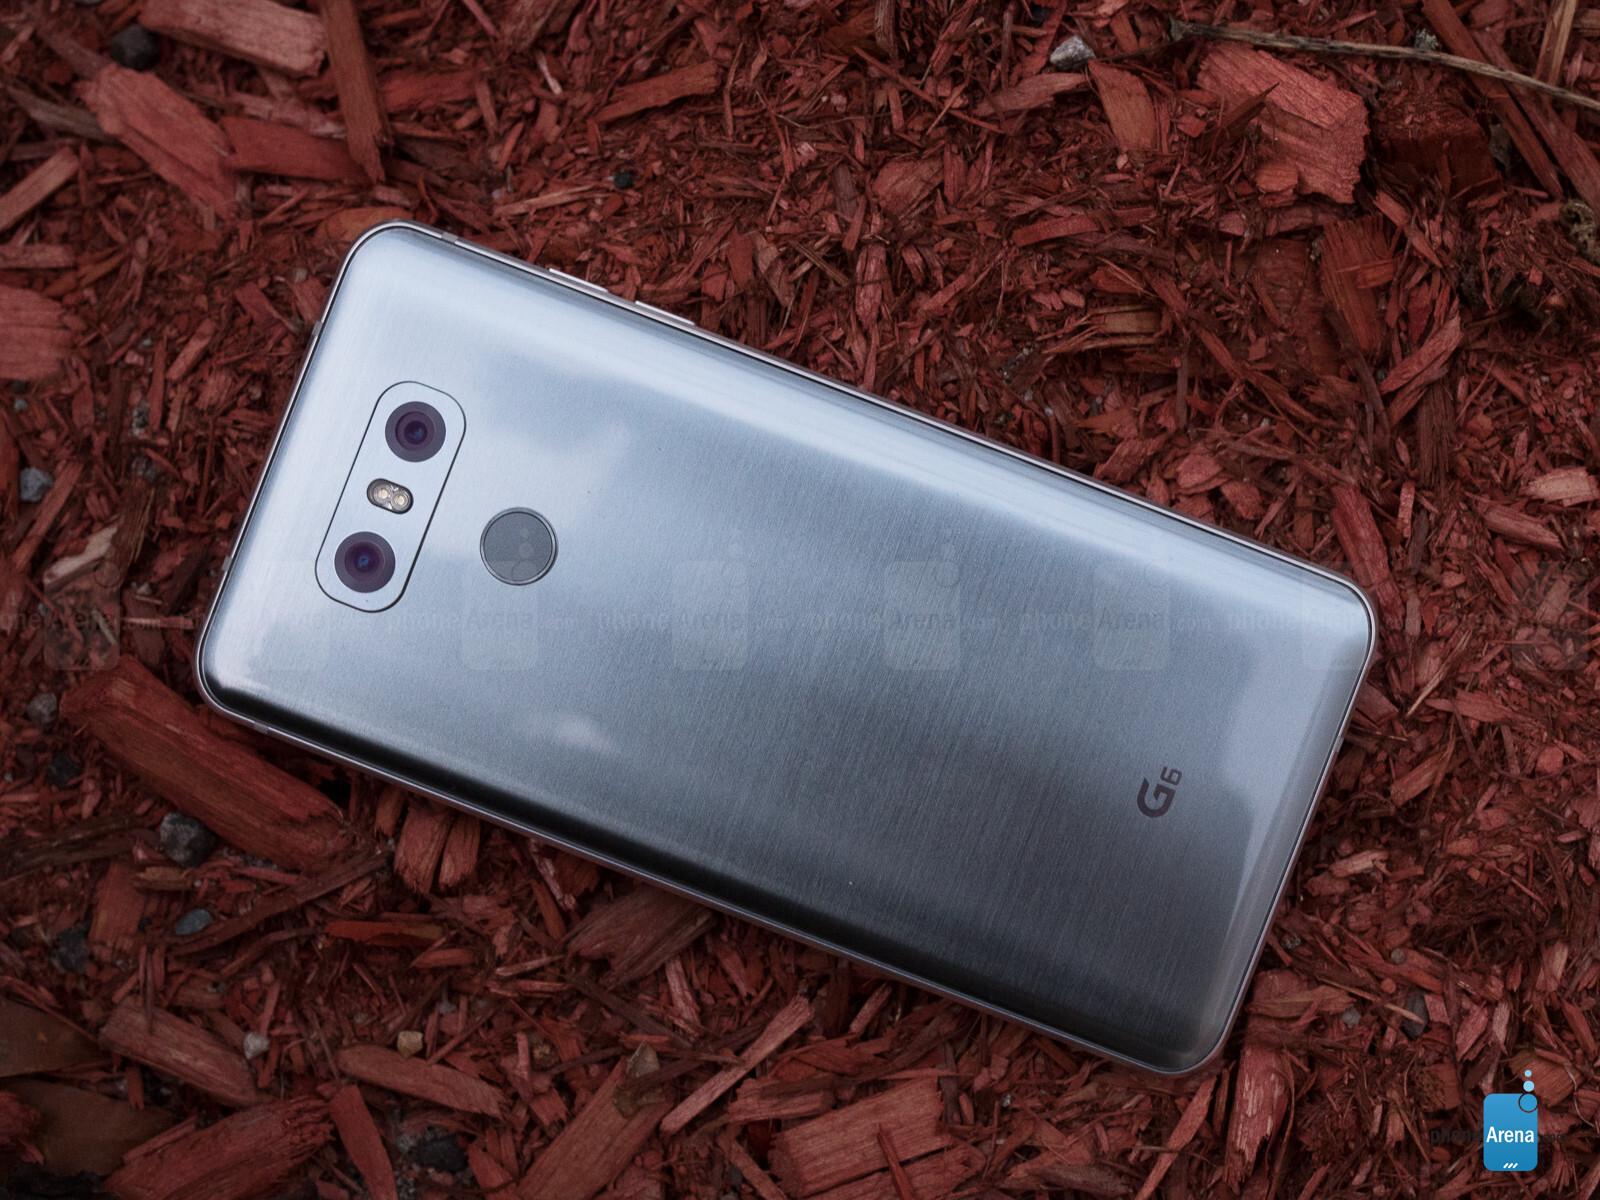 LG G6 Review - PhoneArena